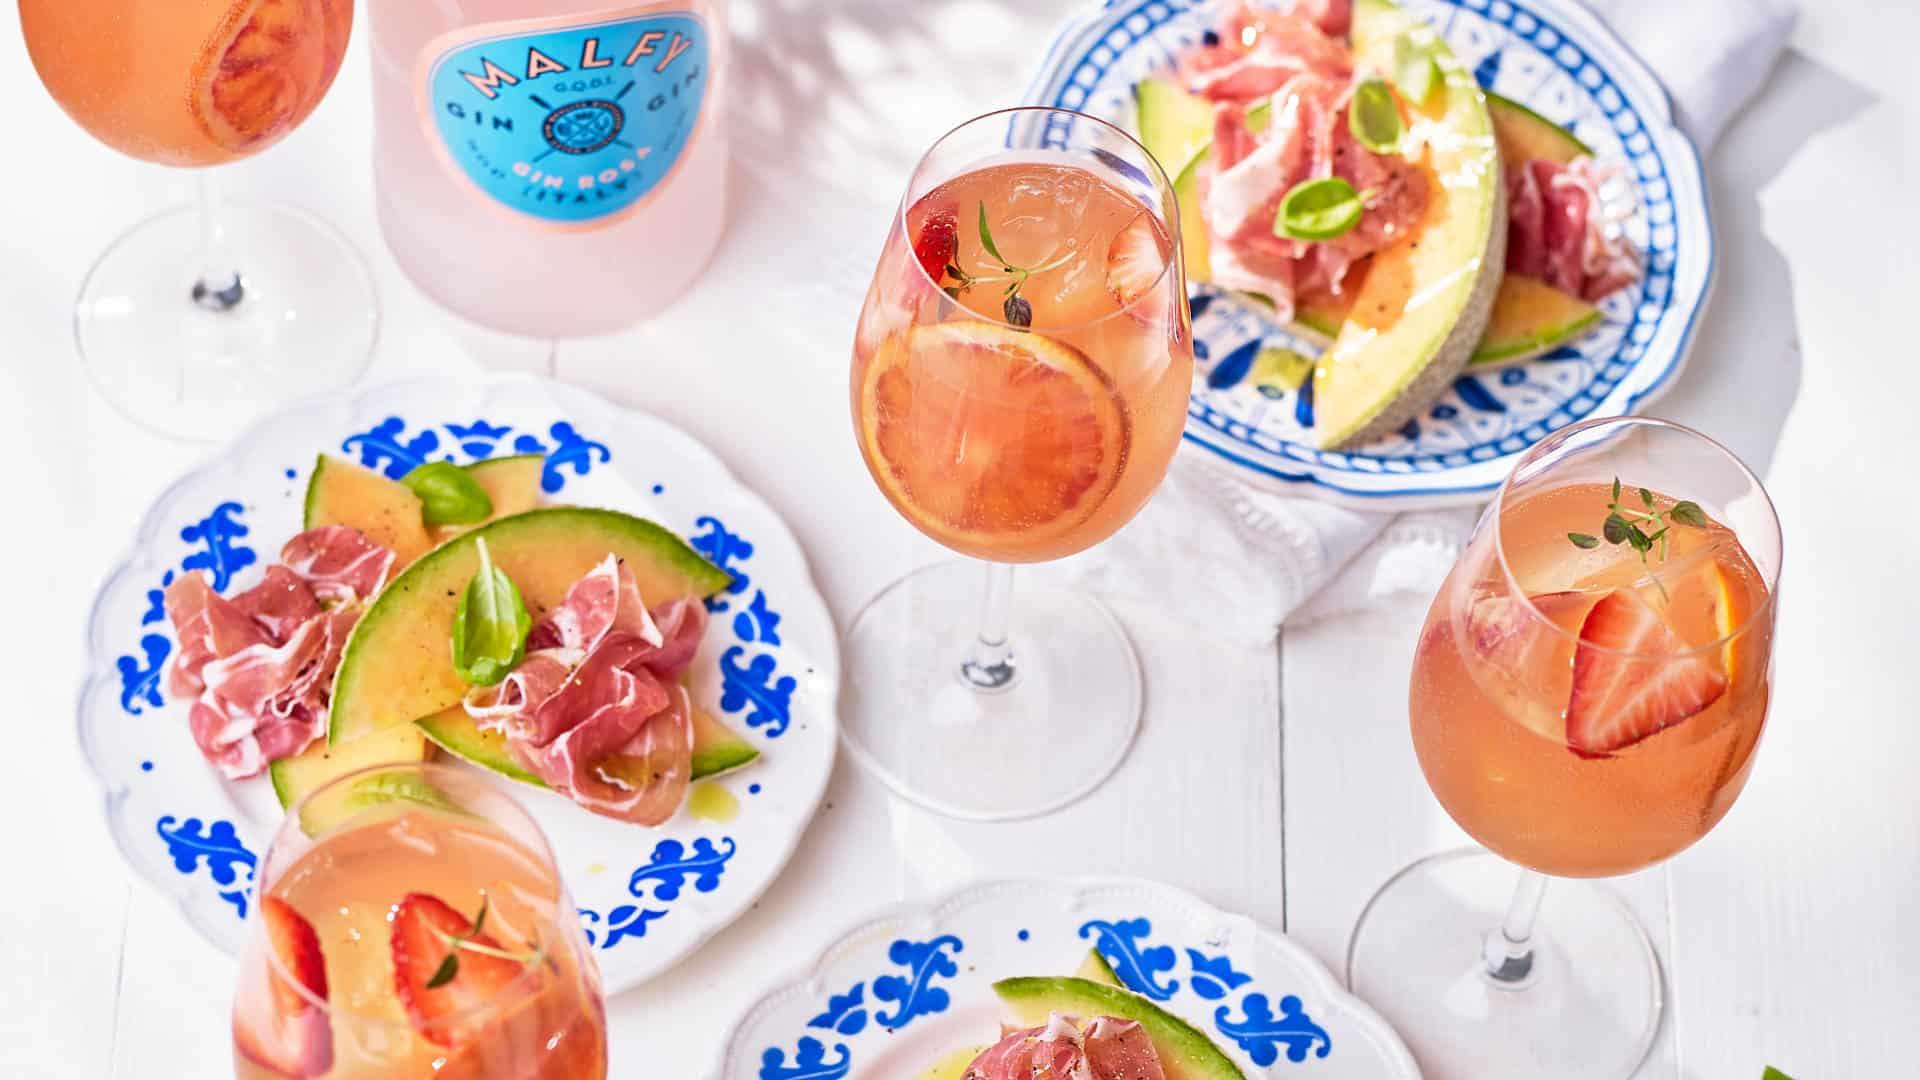 Melon Proscuitto & gin rosa